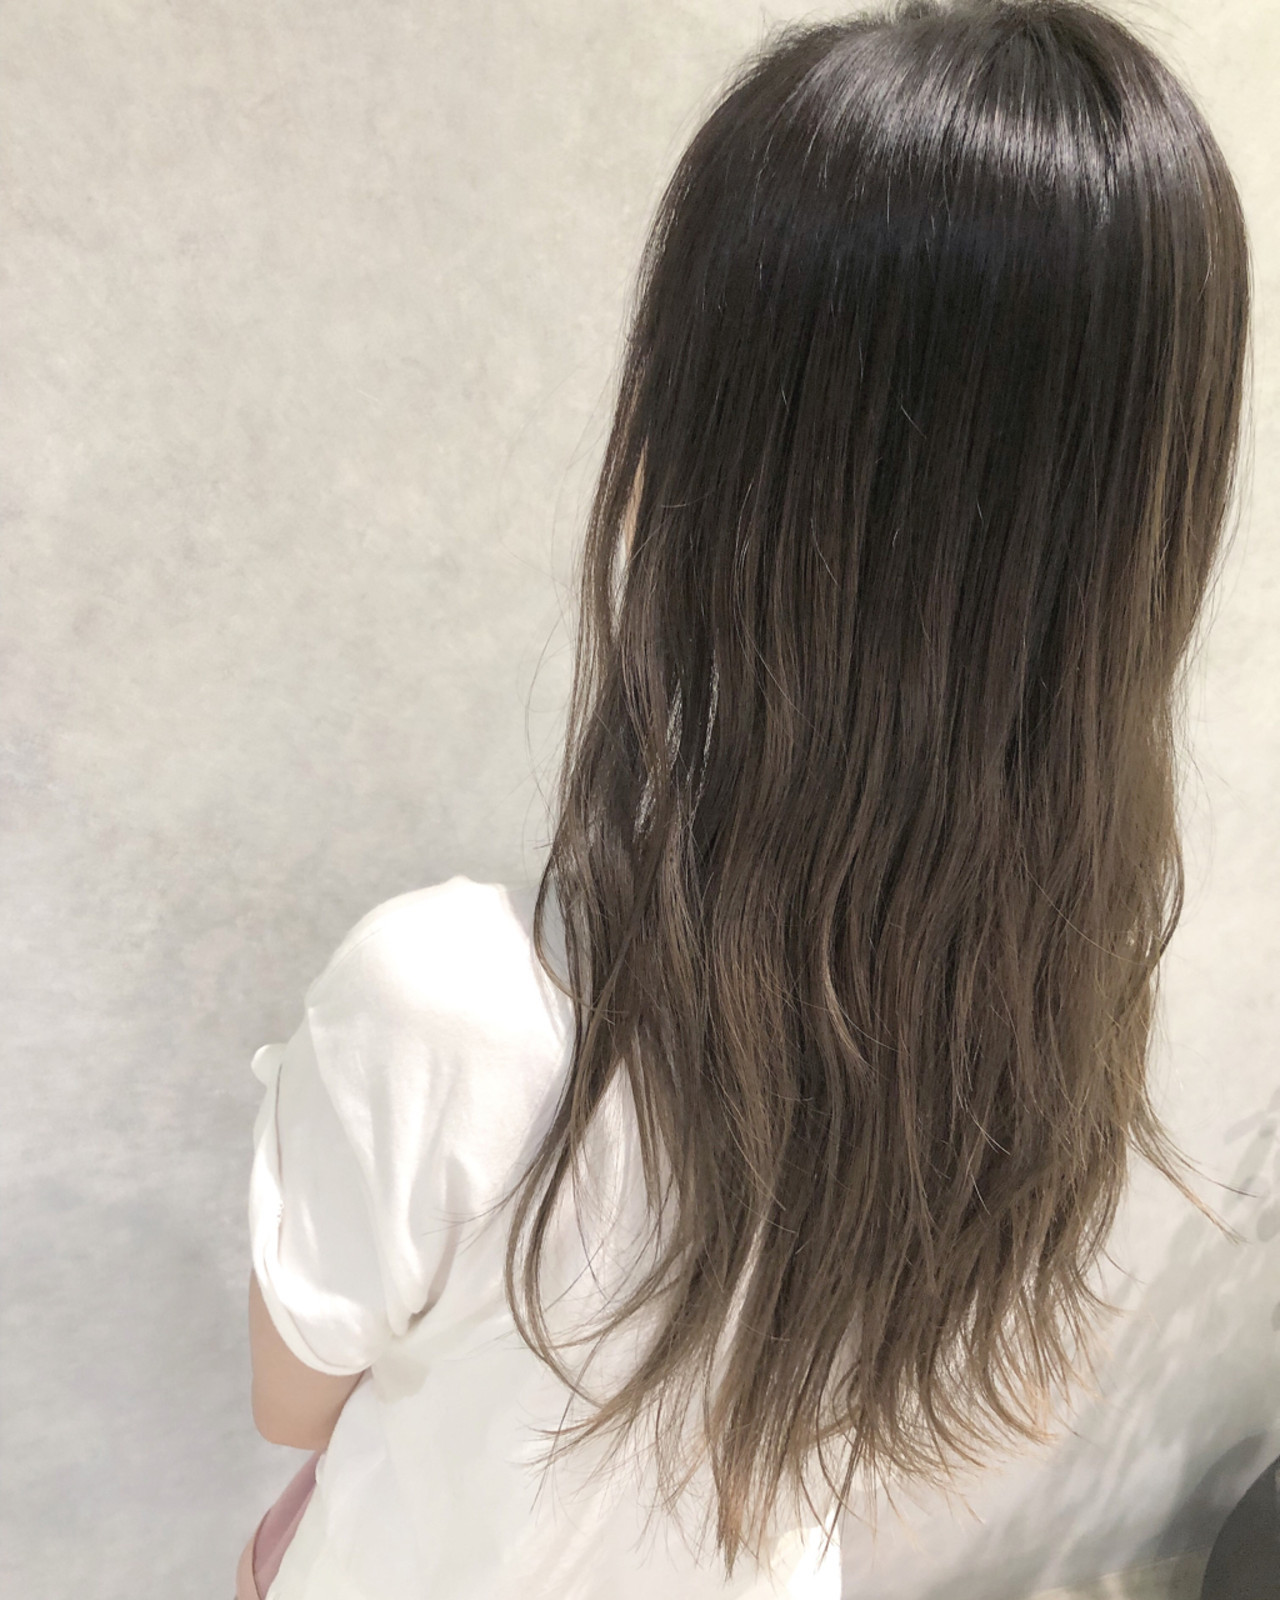 連髮梢都有光澤!秋冬的輕盈奶茶駝 山本航大